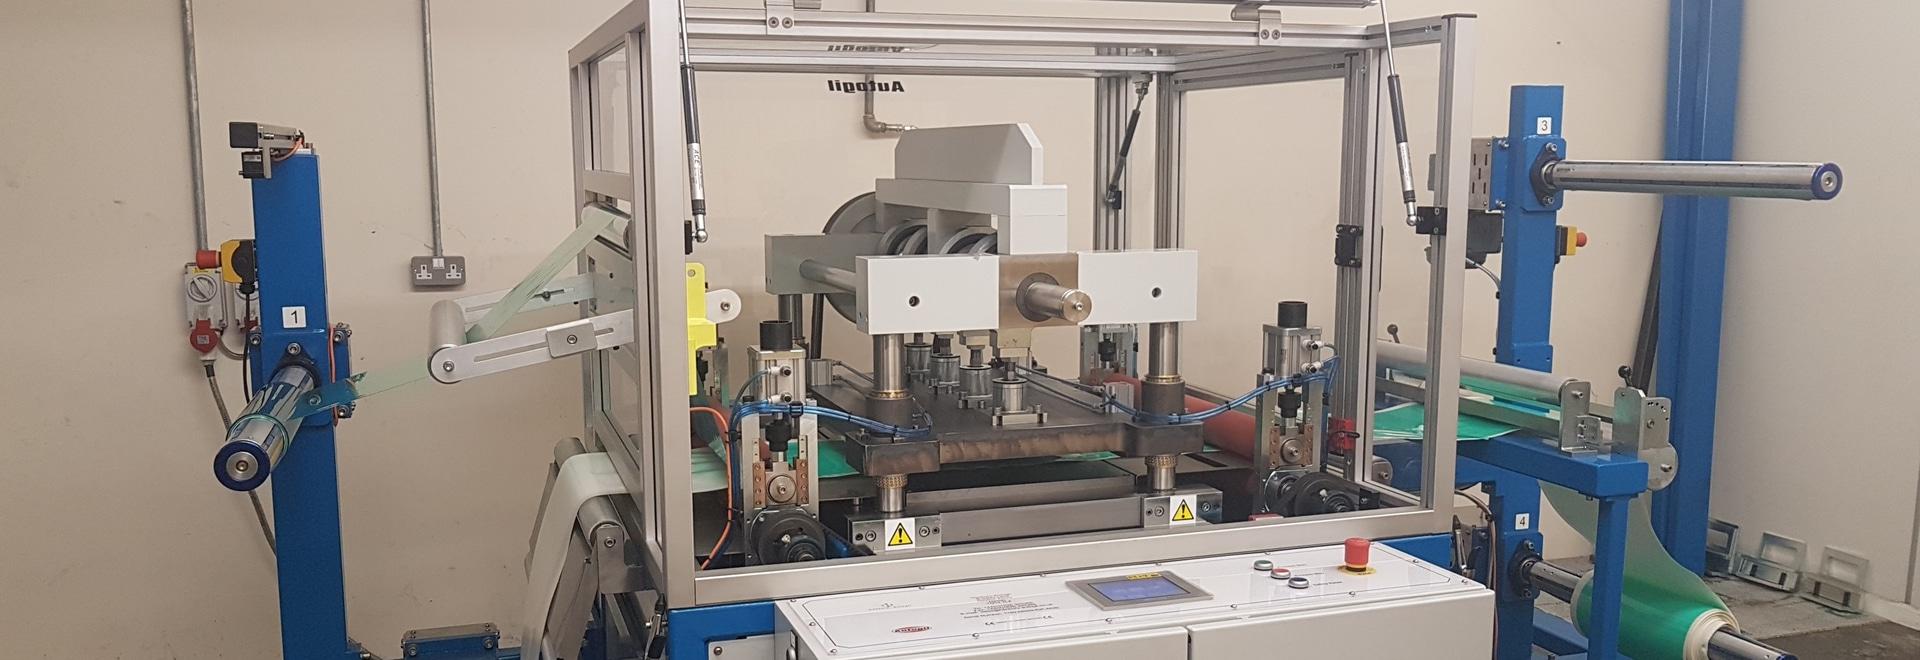 Cómo la automatización de corte puede mejorar drásticamente sus procesos de producción